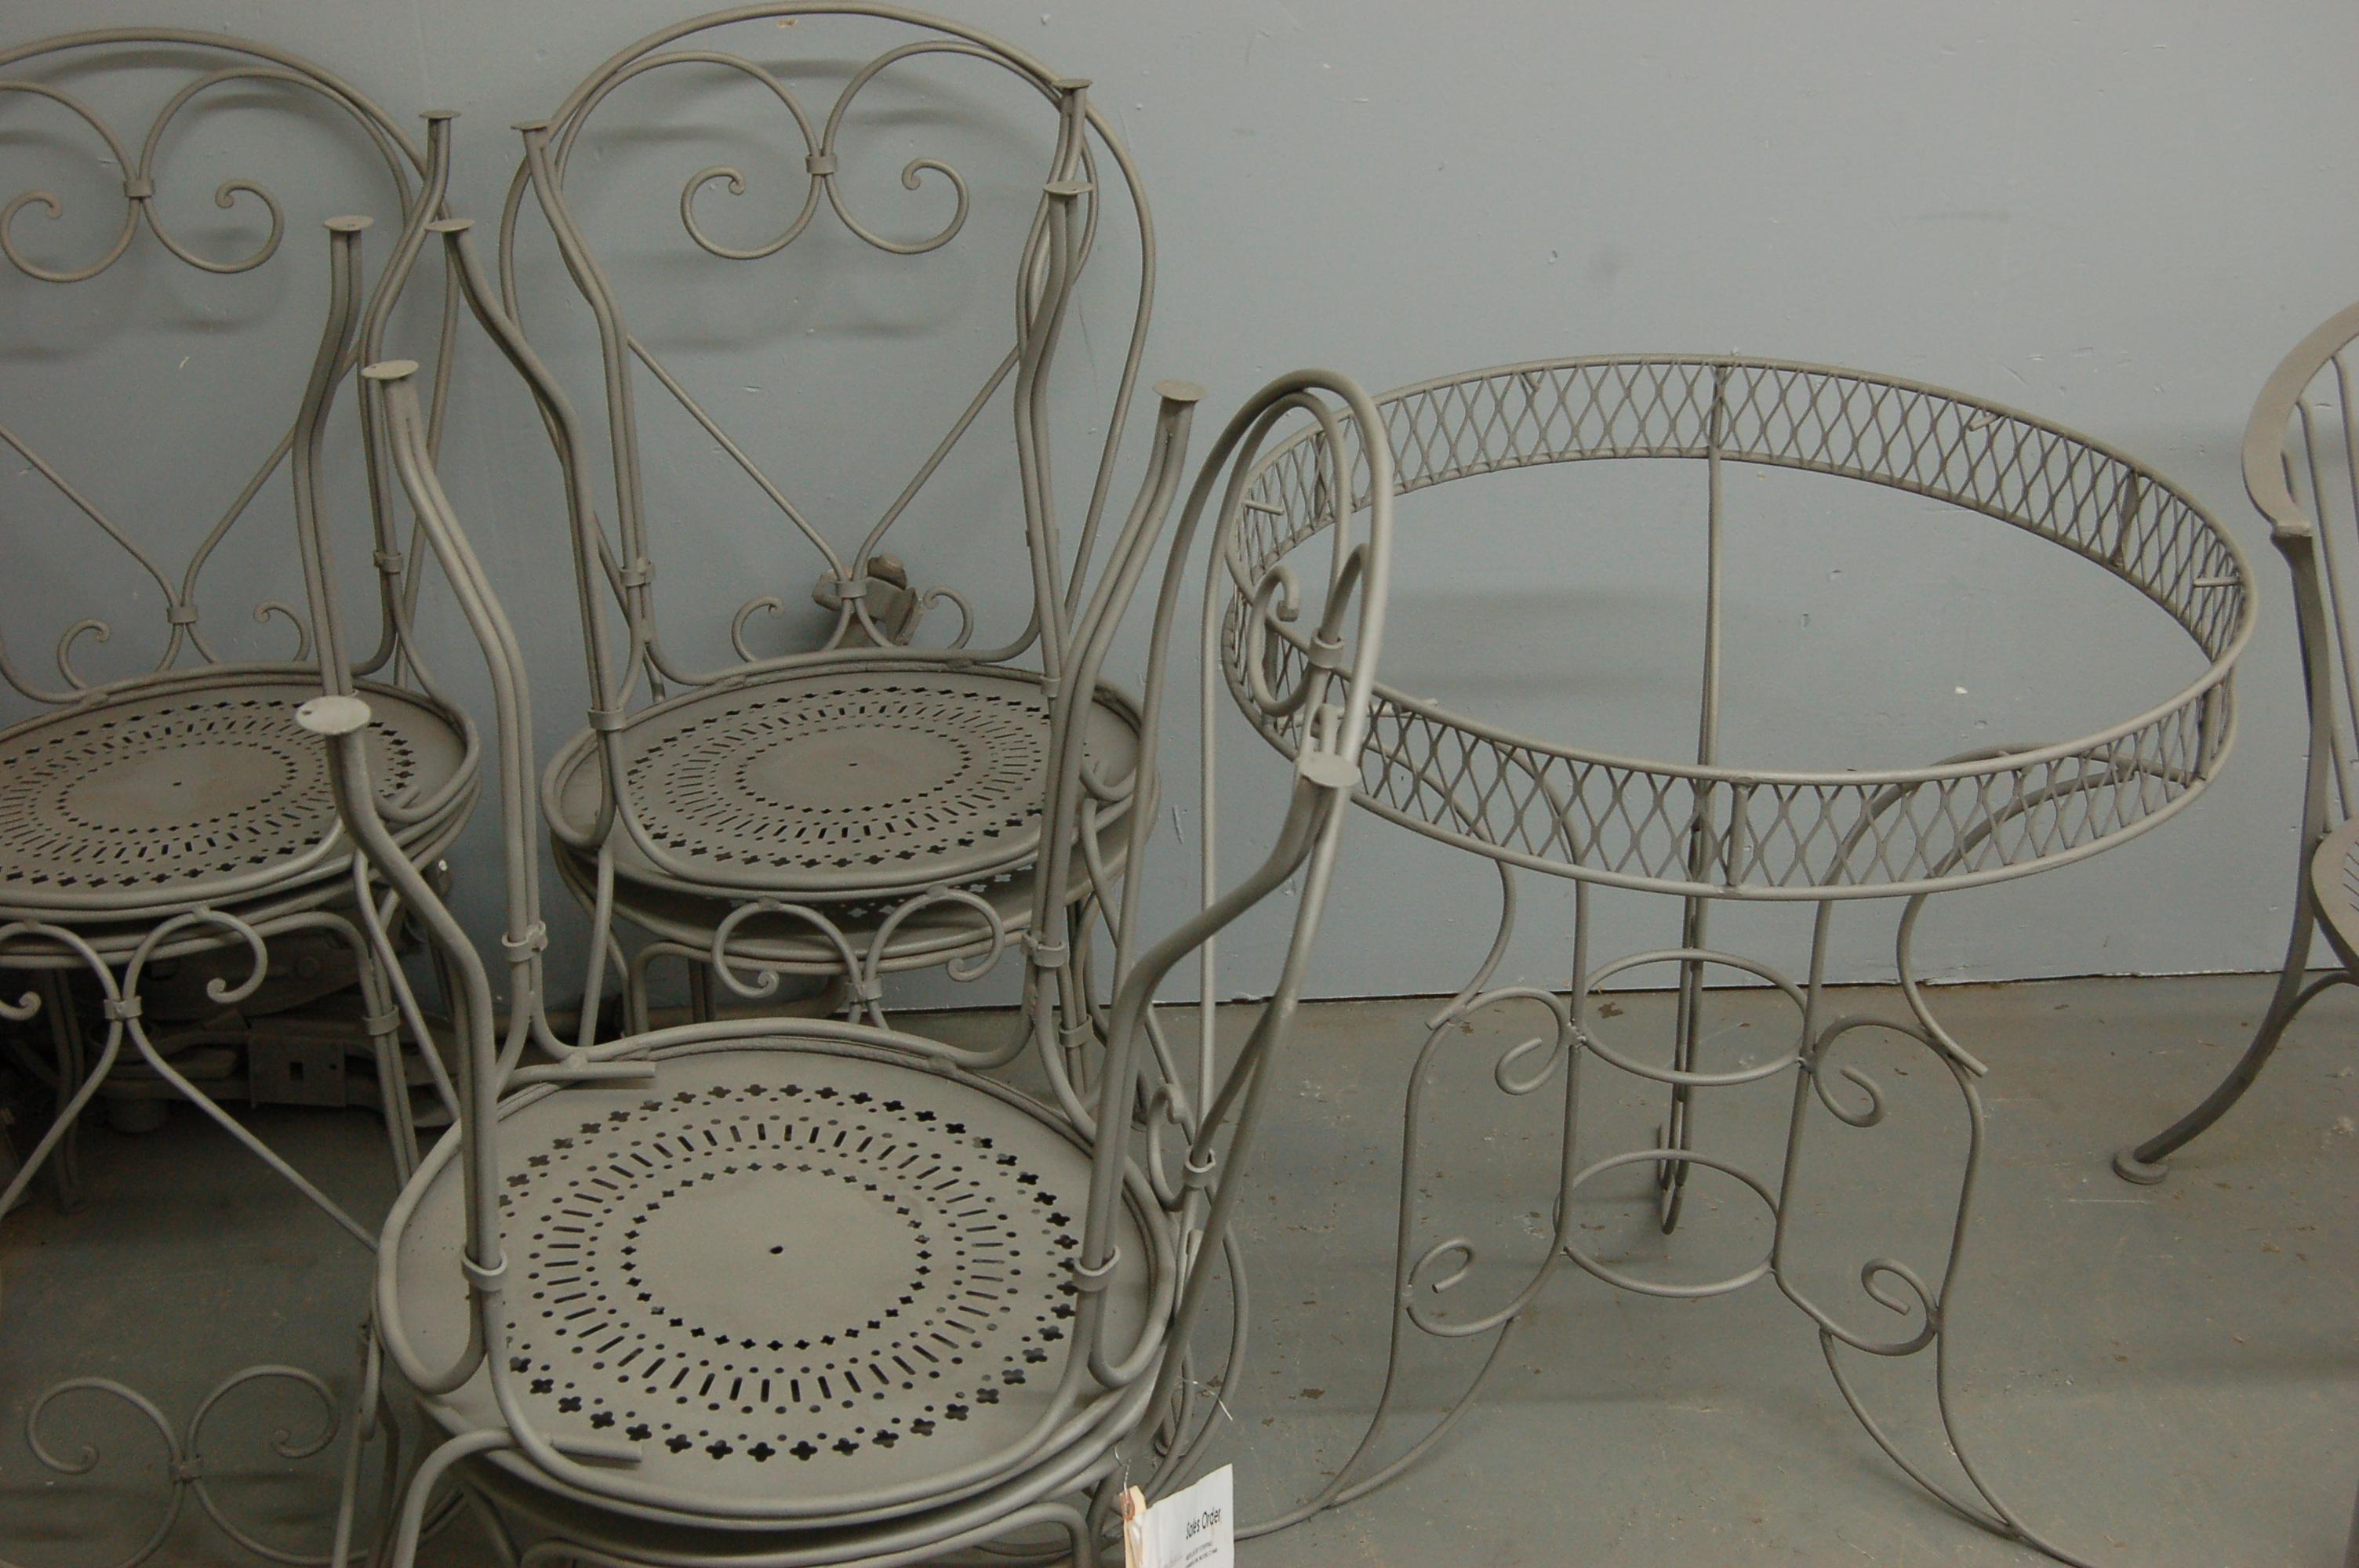 Stripped metal patio furniture awaiting powder coating